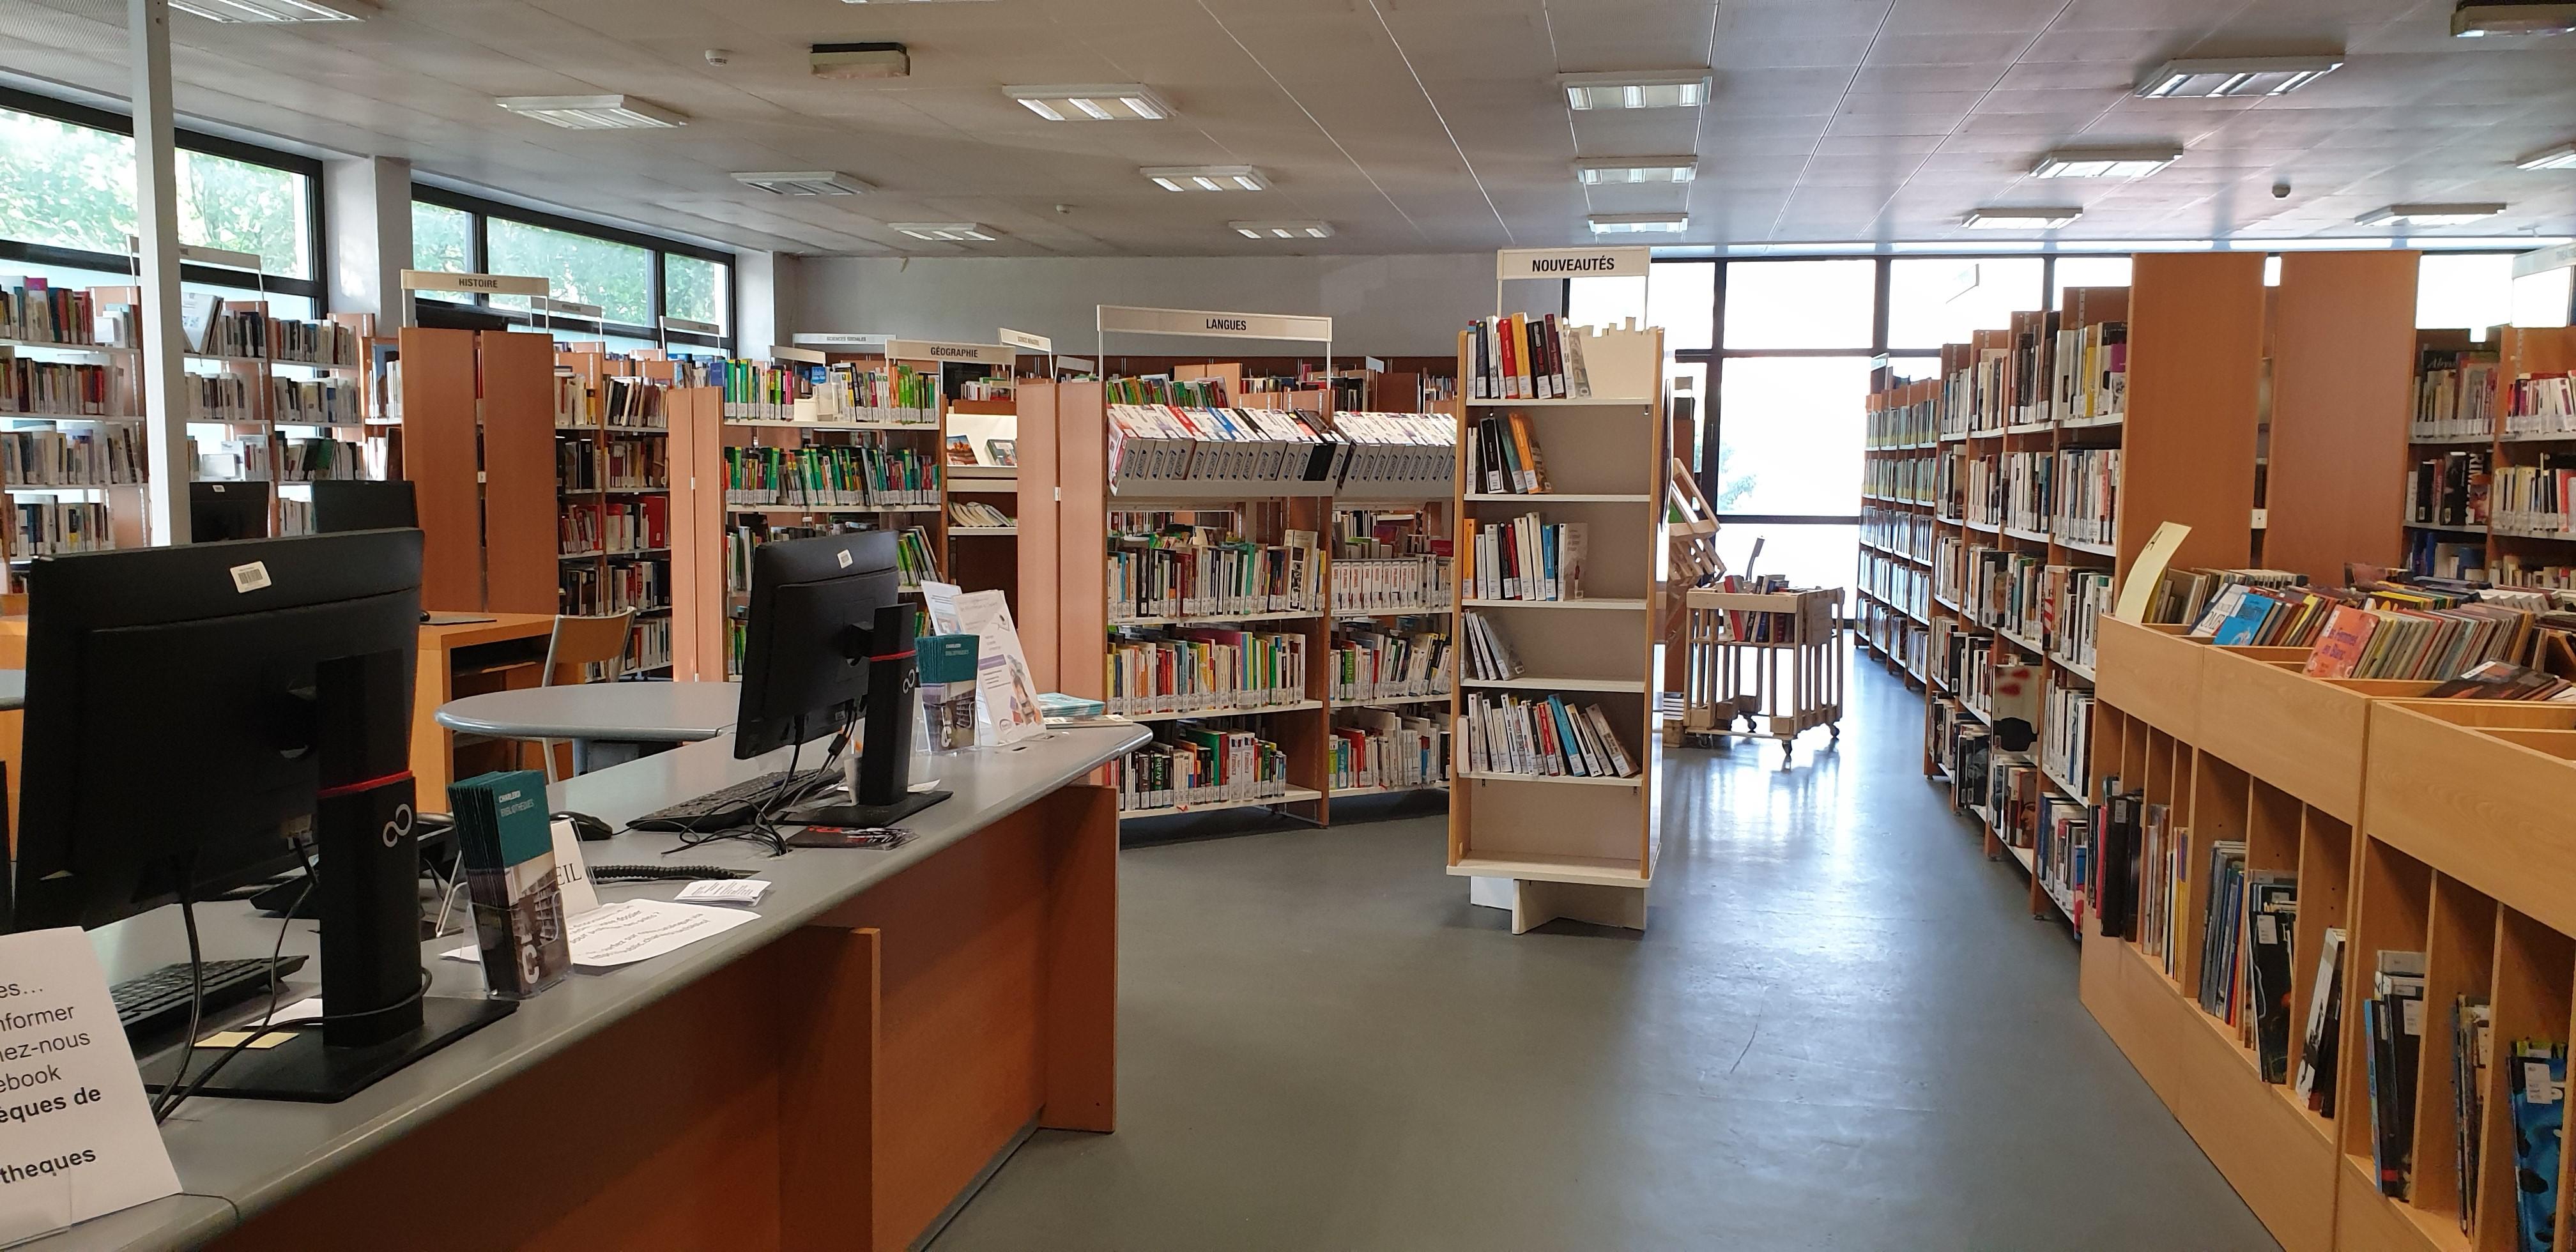 Section adulte de la bibliothèque Rimbaud à Charleroi